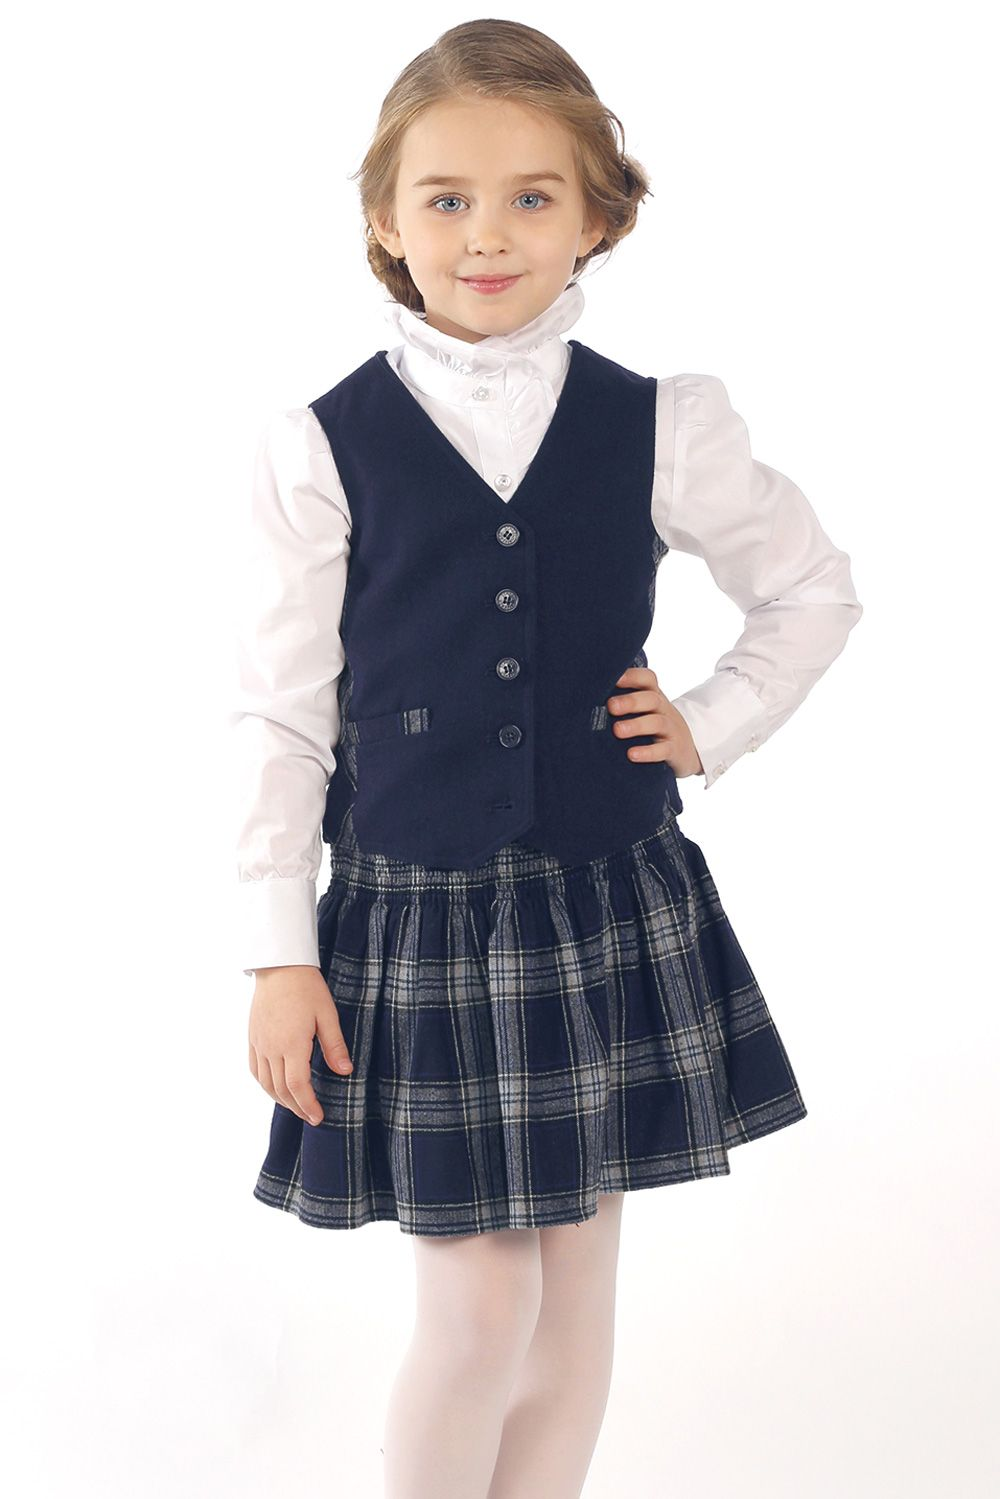 4b9a356ba5f5 Школьная форма для девочек и мальчиков оптом и в розницу: купить школьную  форму от производителя - Айвенго School - Основная продукция